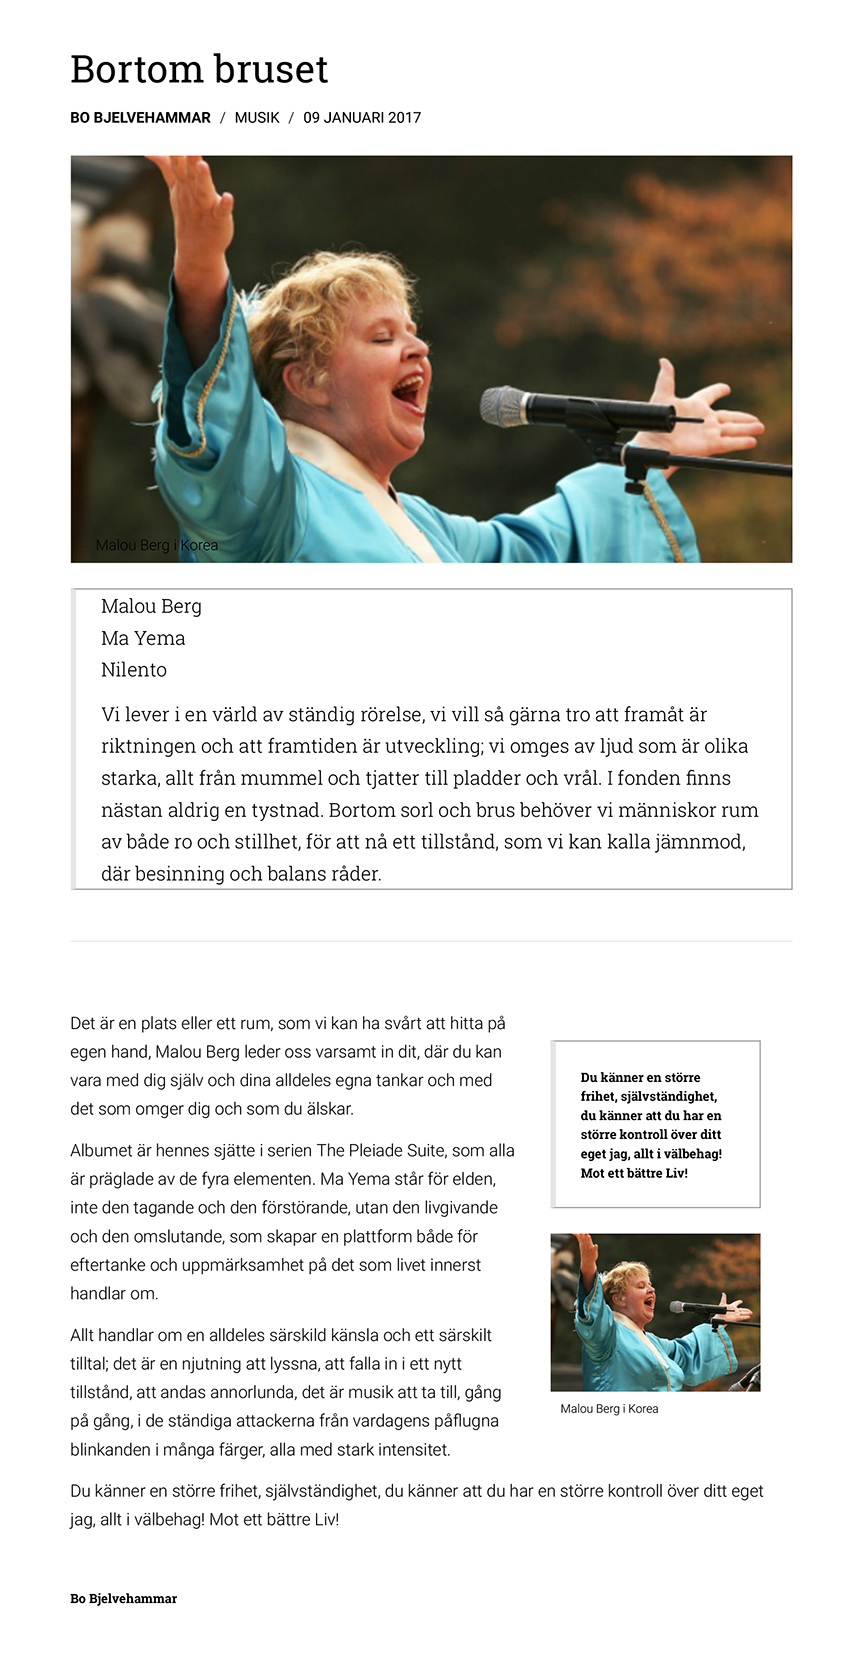 Tidningen Kulturens recension av Ma Yema 9 jan 2017